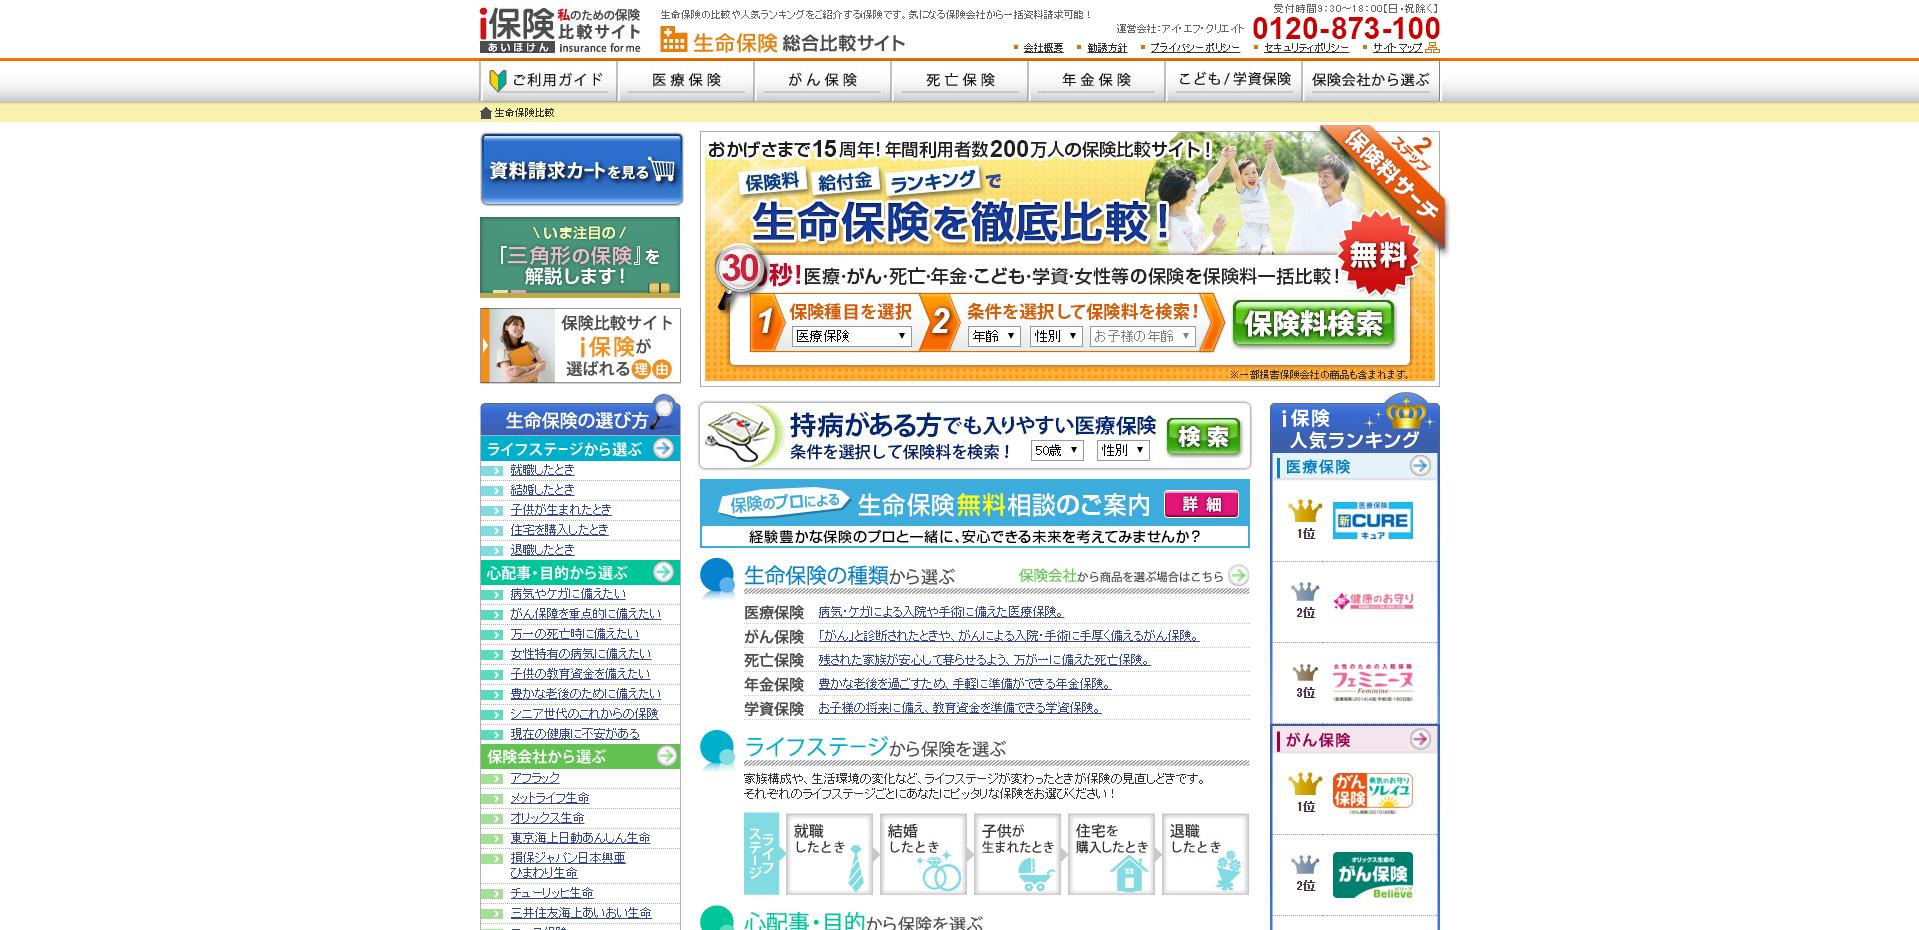 ブログ009_04(保険)